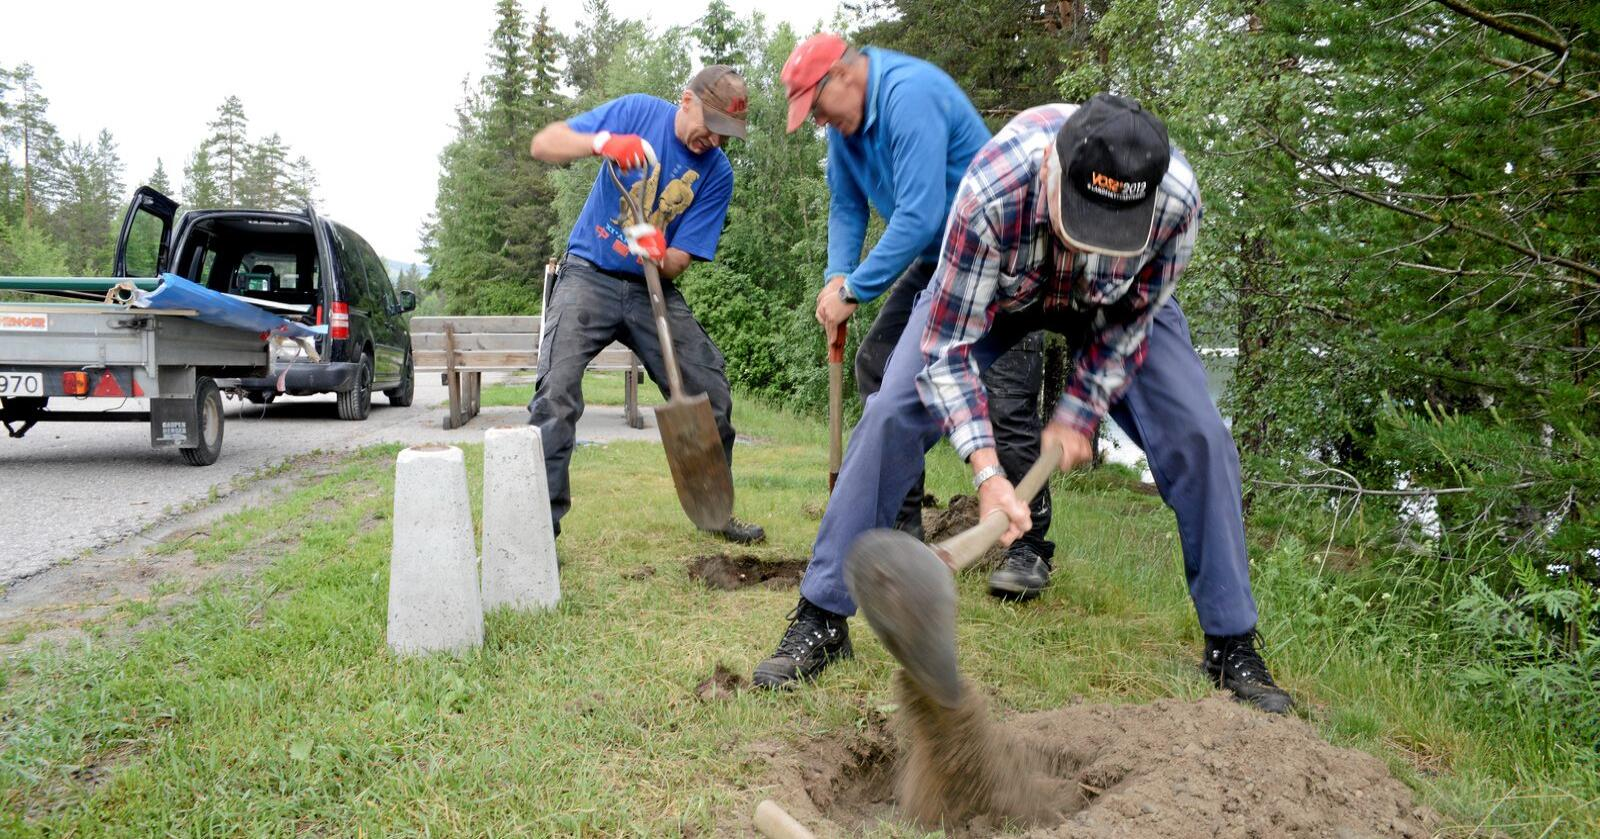 Voksent arbeid: Gunnar Johnrud, Bjørn Orlistullen og Hans Erik Rua setter opp infoskilt for Jondalen bygdelag. Foto: Mariann Tvete